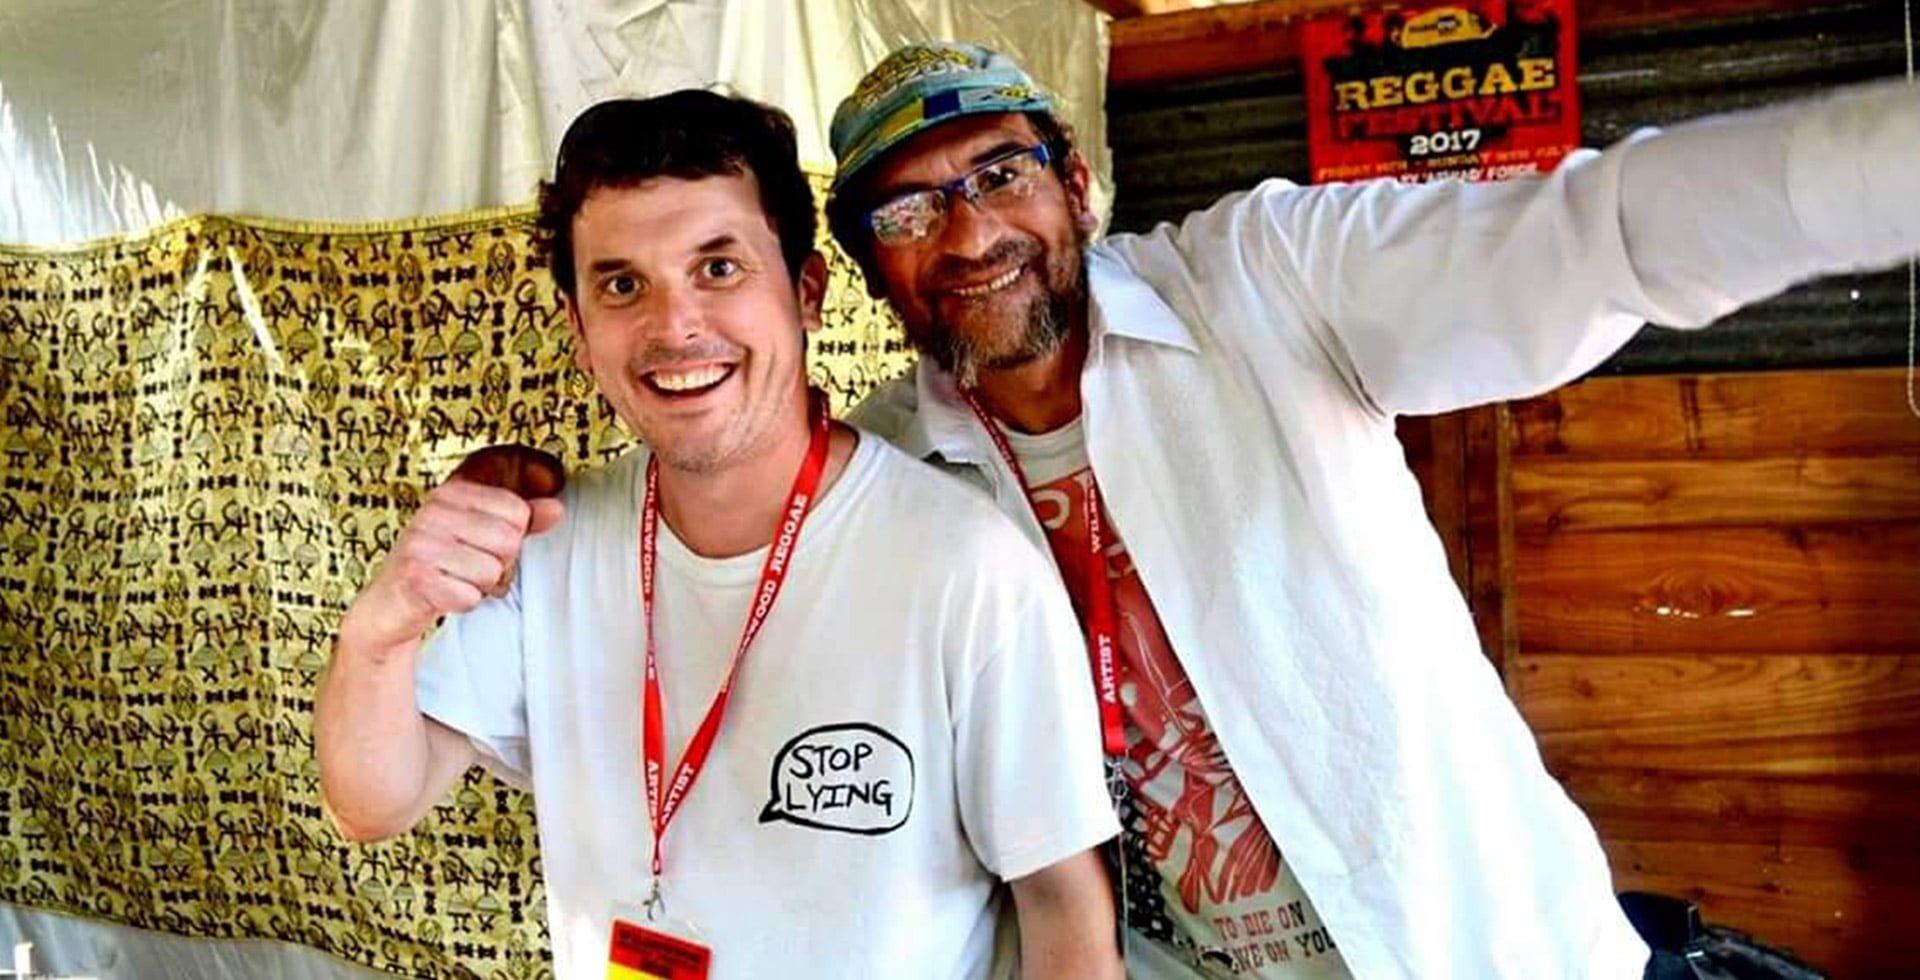 Reggae Recipes at Wilkswood Roots Reggae Festival